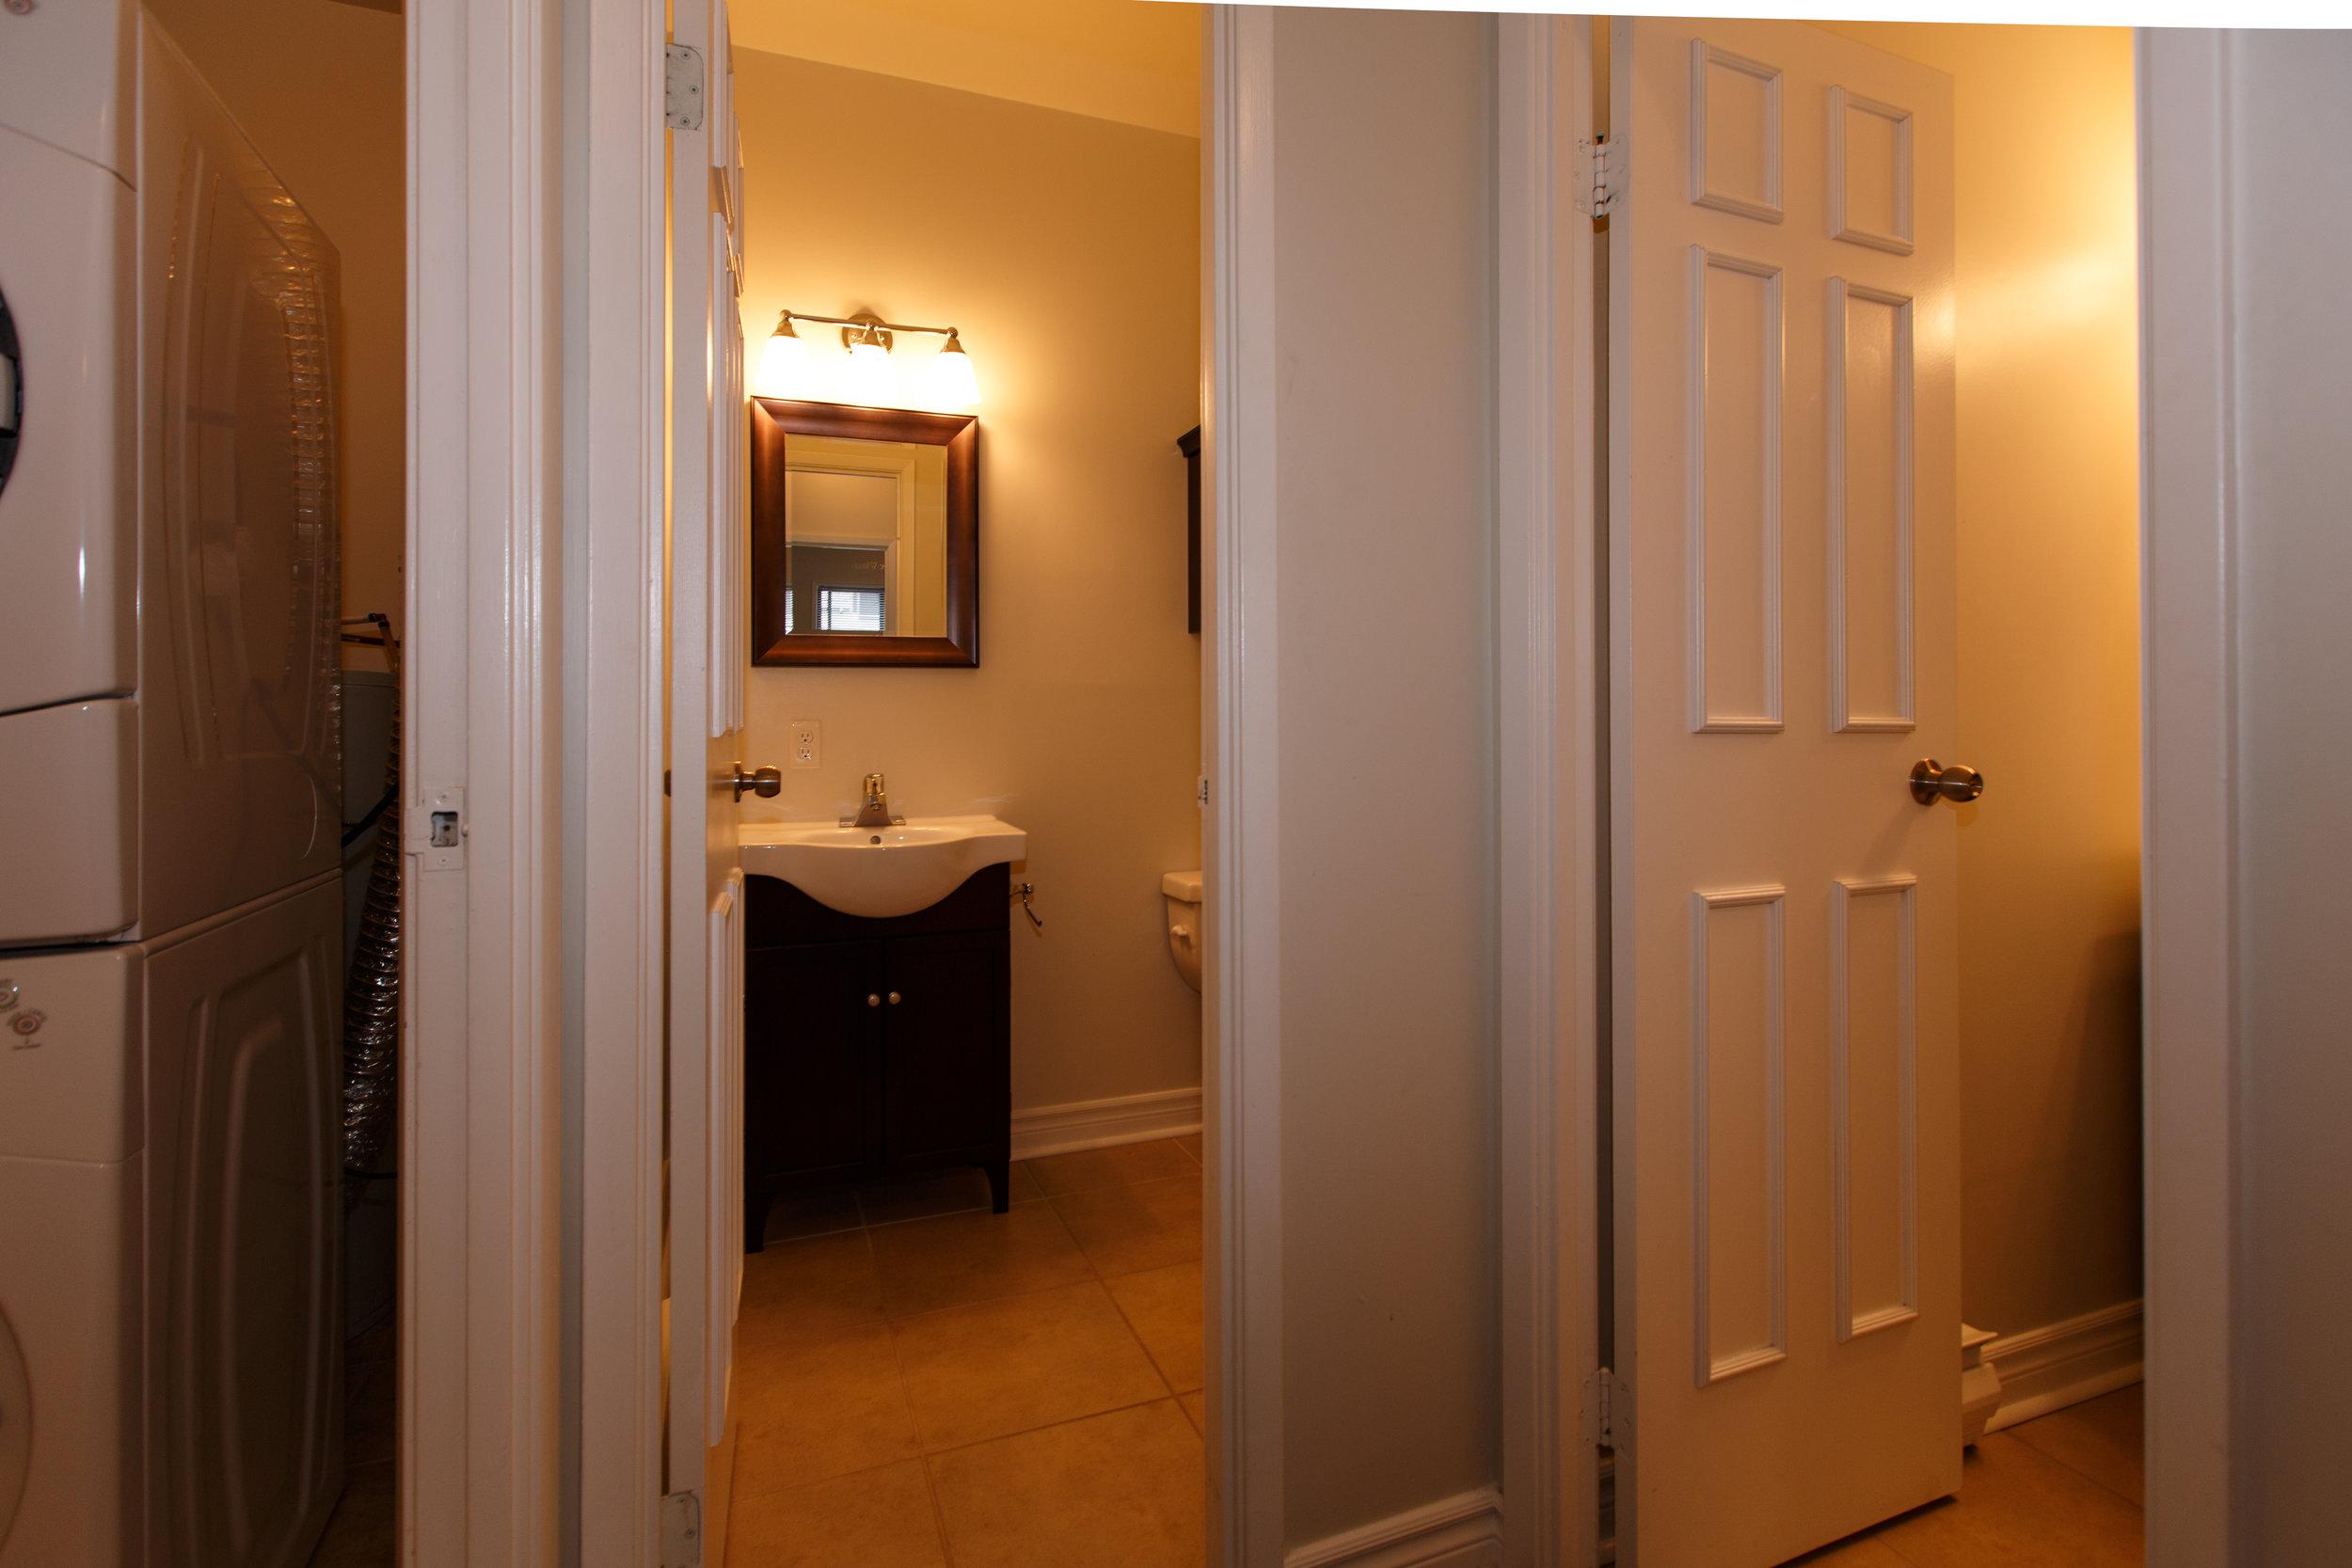 311 Queen St. _u007c_ Photo of Bathrooms, looking in from the hallway.jpg